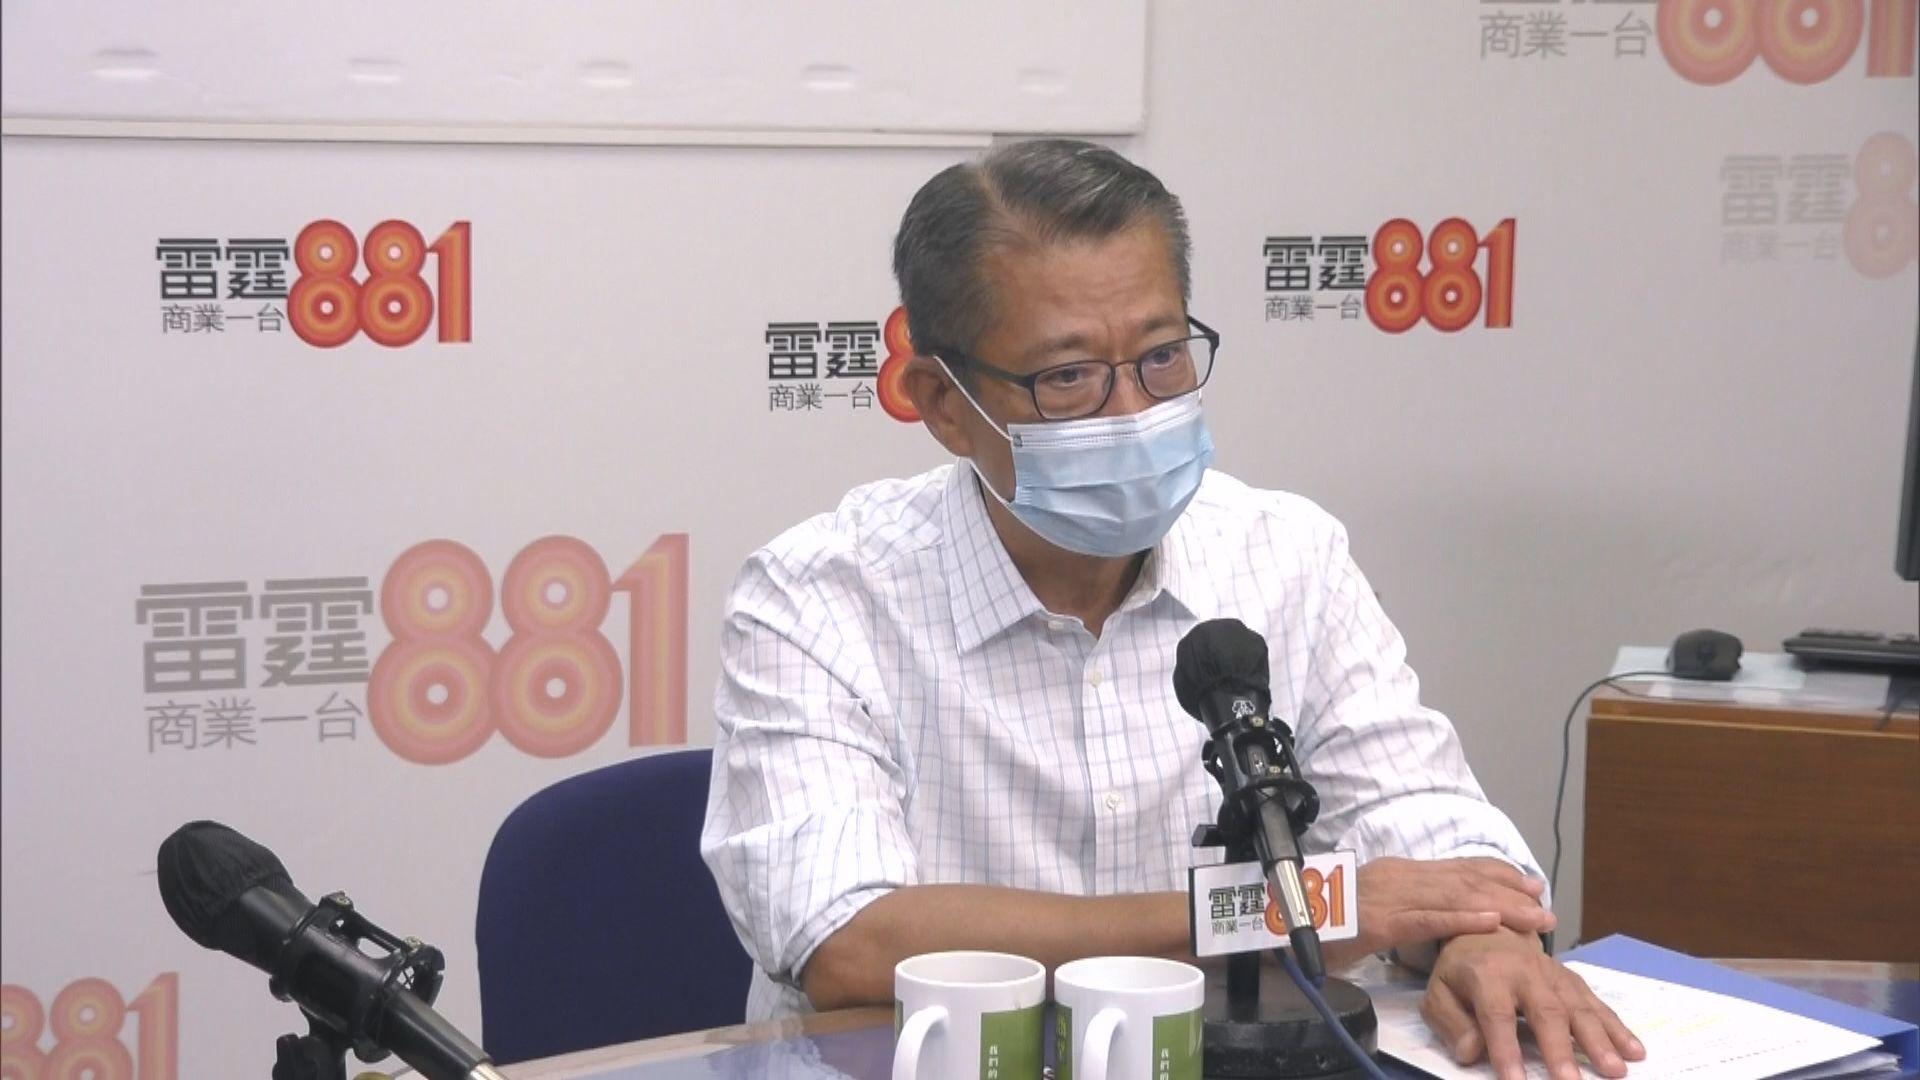 陳茂波:若疫情受控明年經濟增長或恢復至疫情前水平